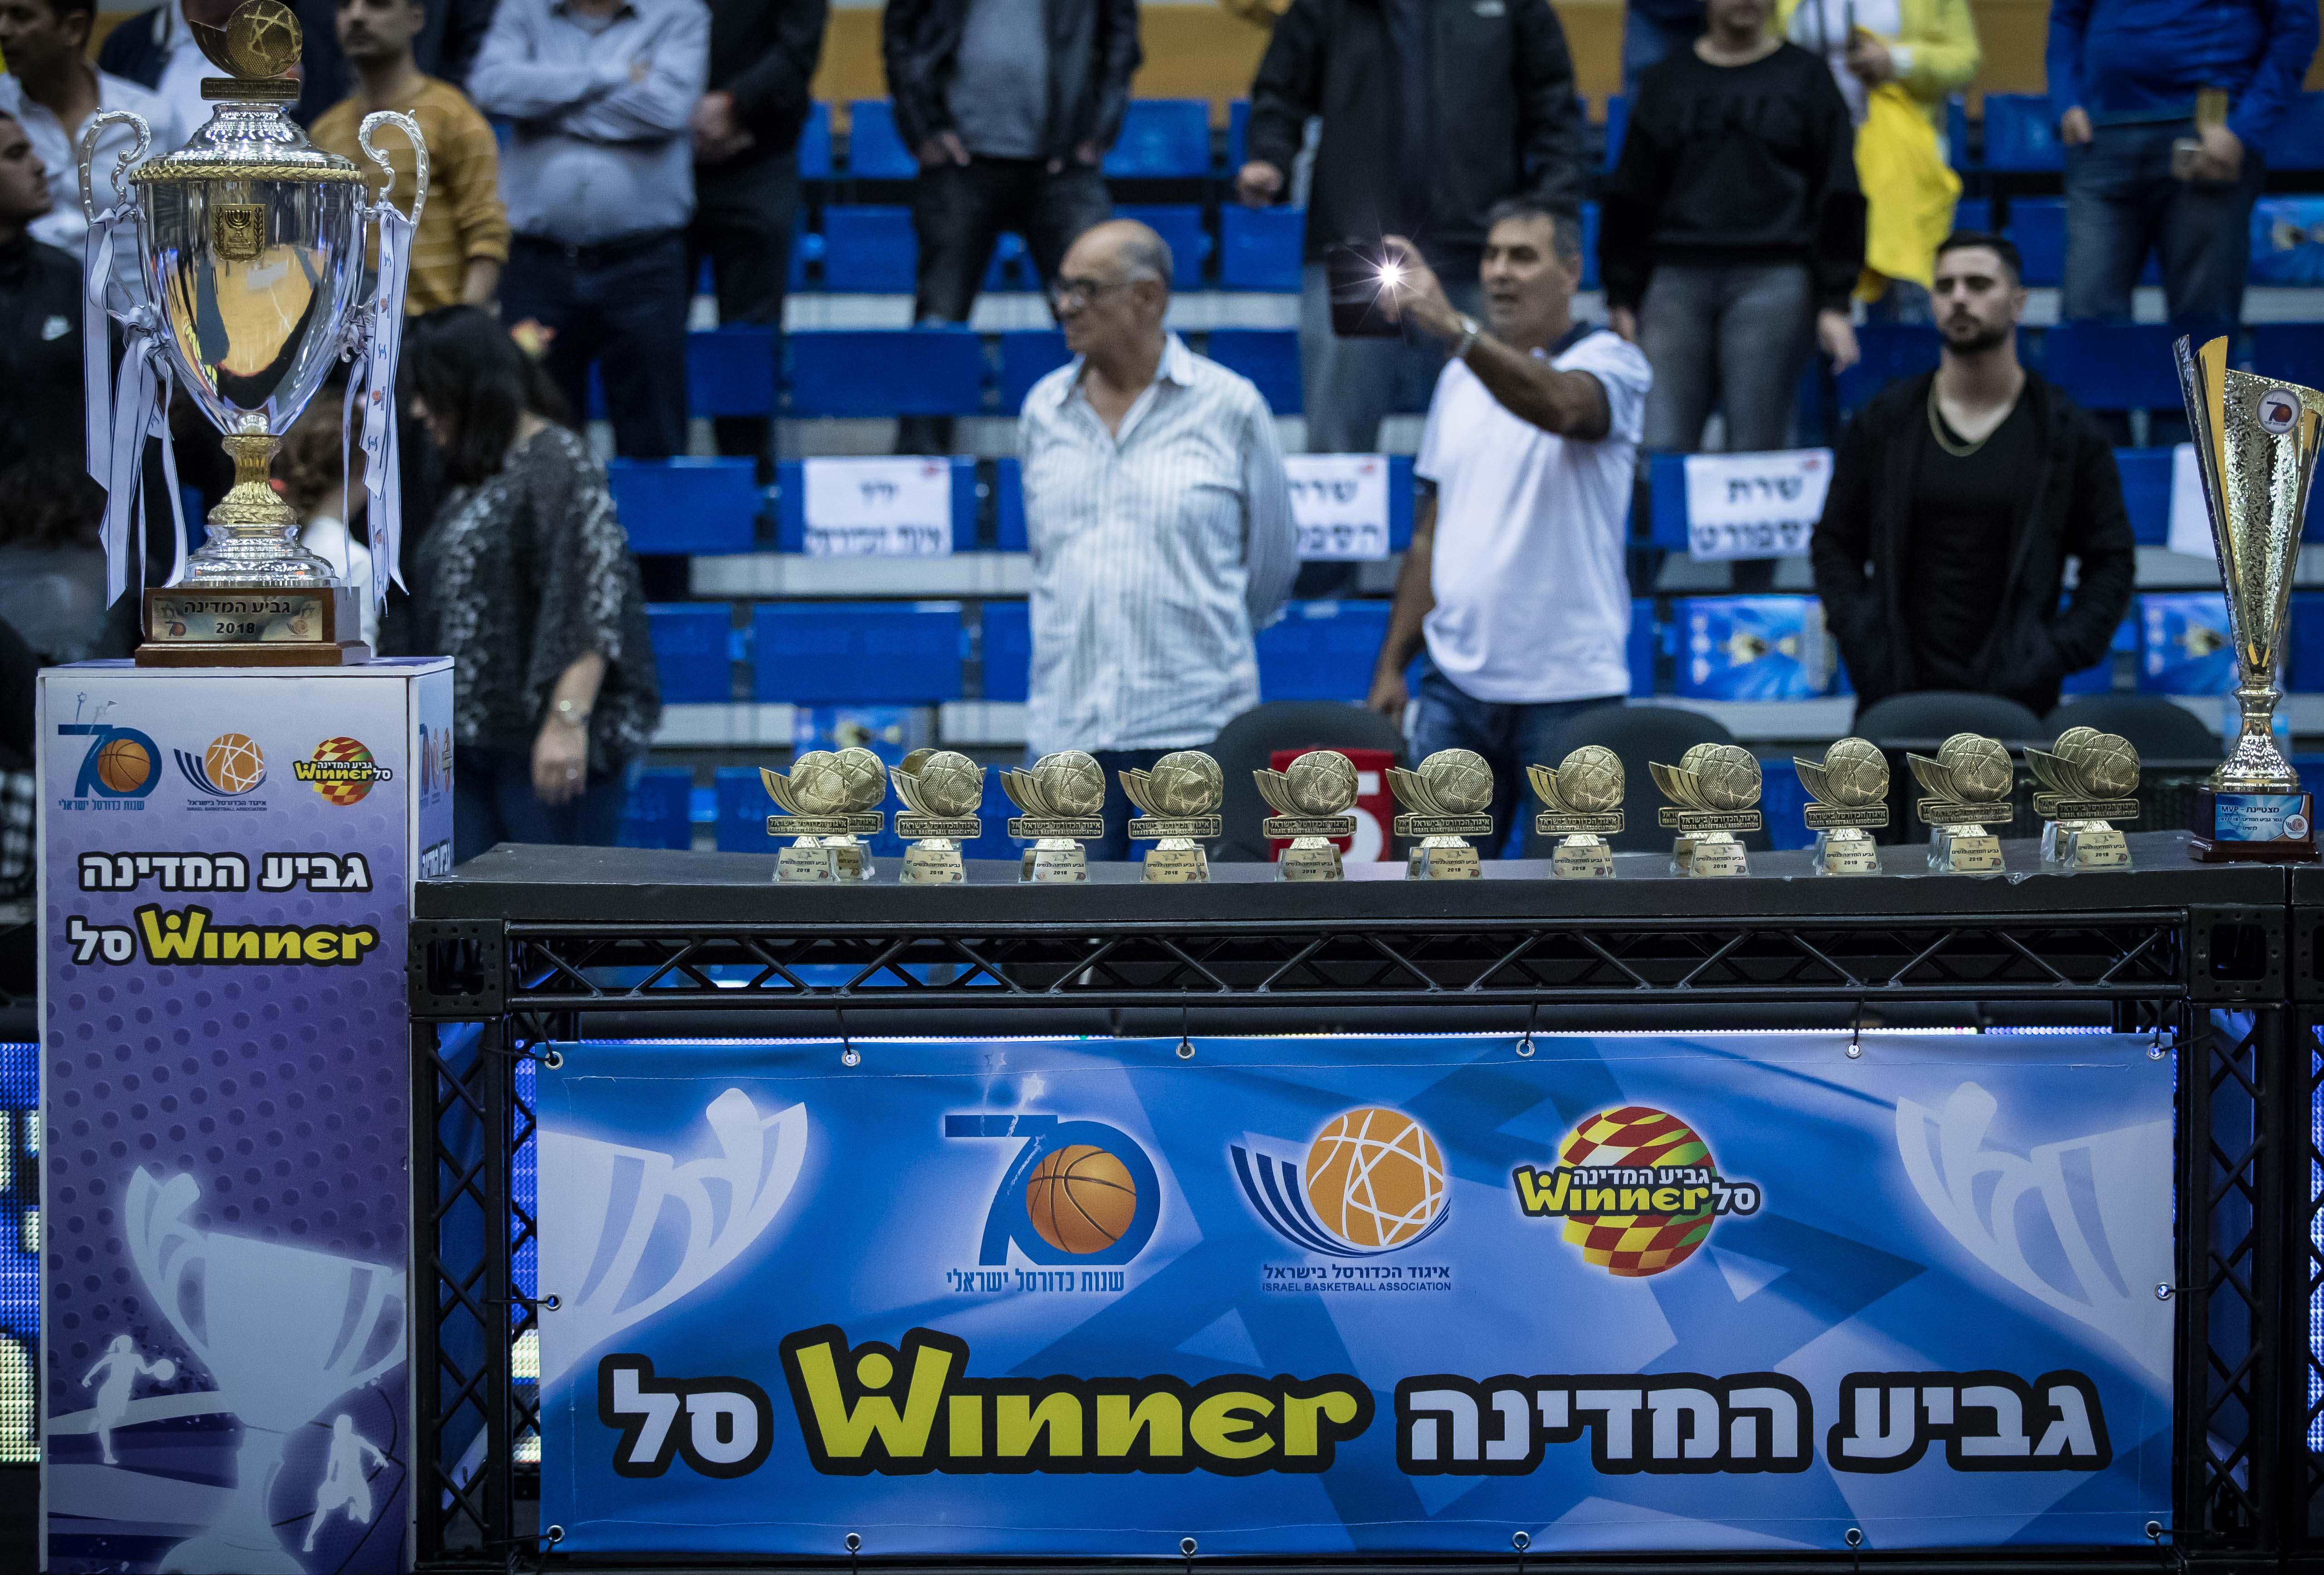 בחמישי יתקיימו משחקי רבע גמר גביע המדינה ווינר סל לנשים